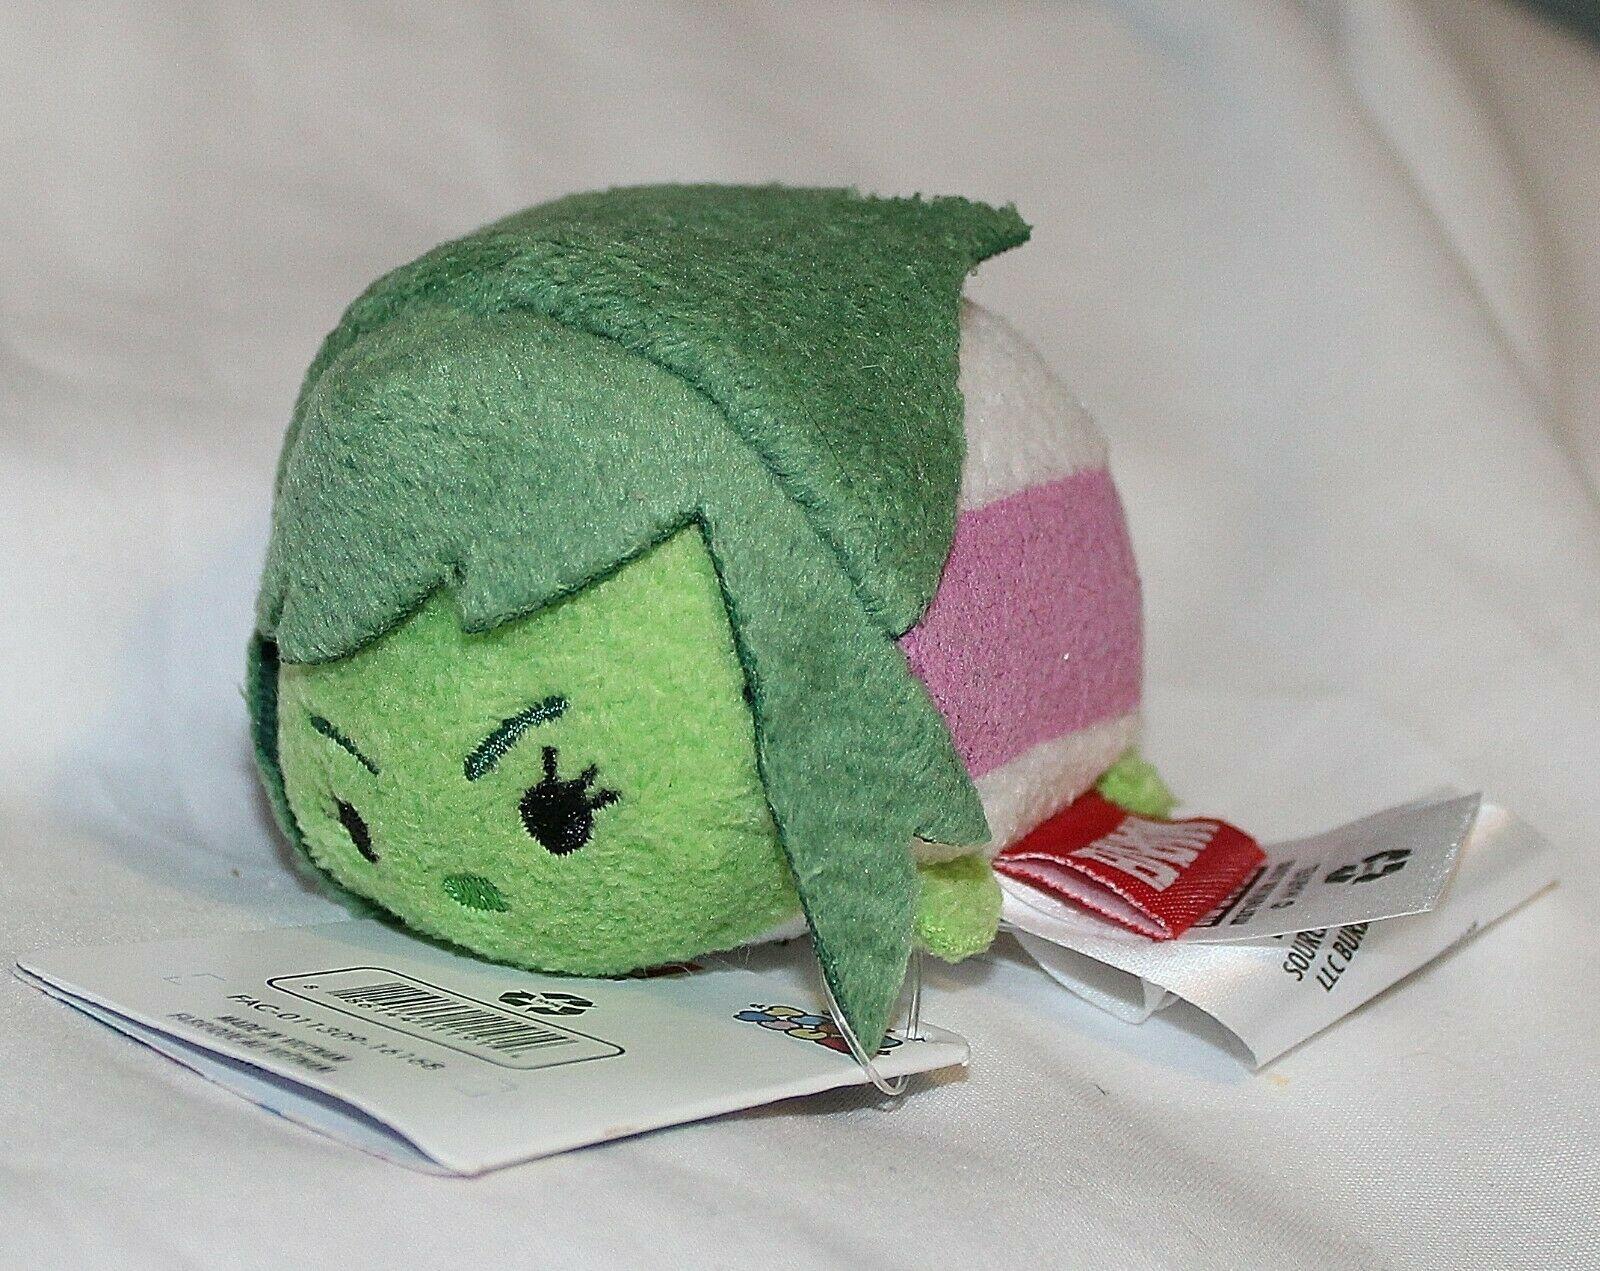 New Marvel Tsum Tsum She Hulk Plush Avengers Stuffed Animal Jennifer Walters